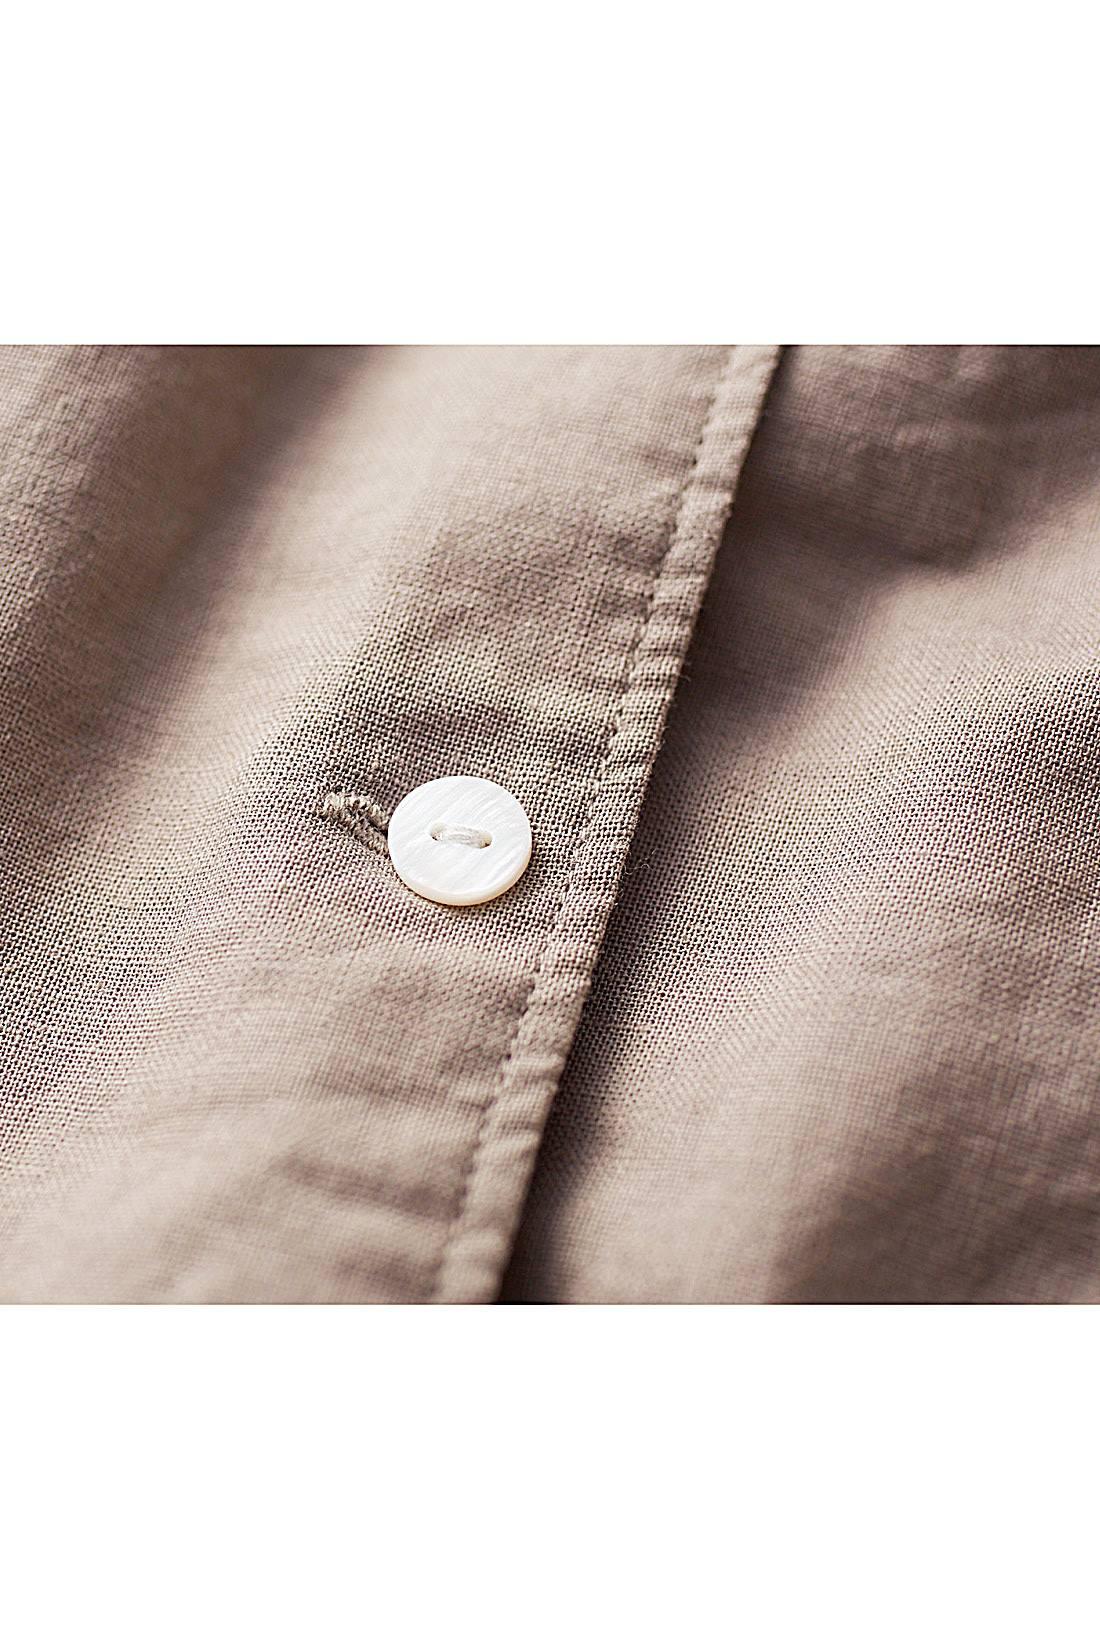 洗いをかけた綿麻素材は、やわらかさも軽さも上々。素材とマッチするシェル調ボタンも上品なアクセントに。※お届けするカラーとは異なります。